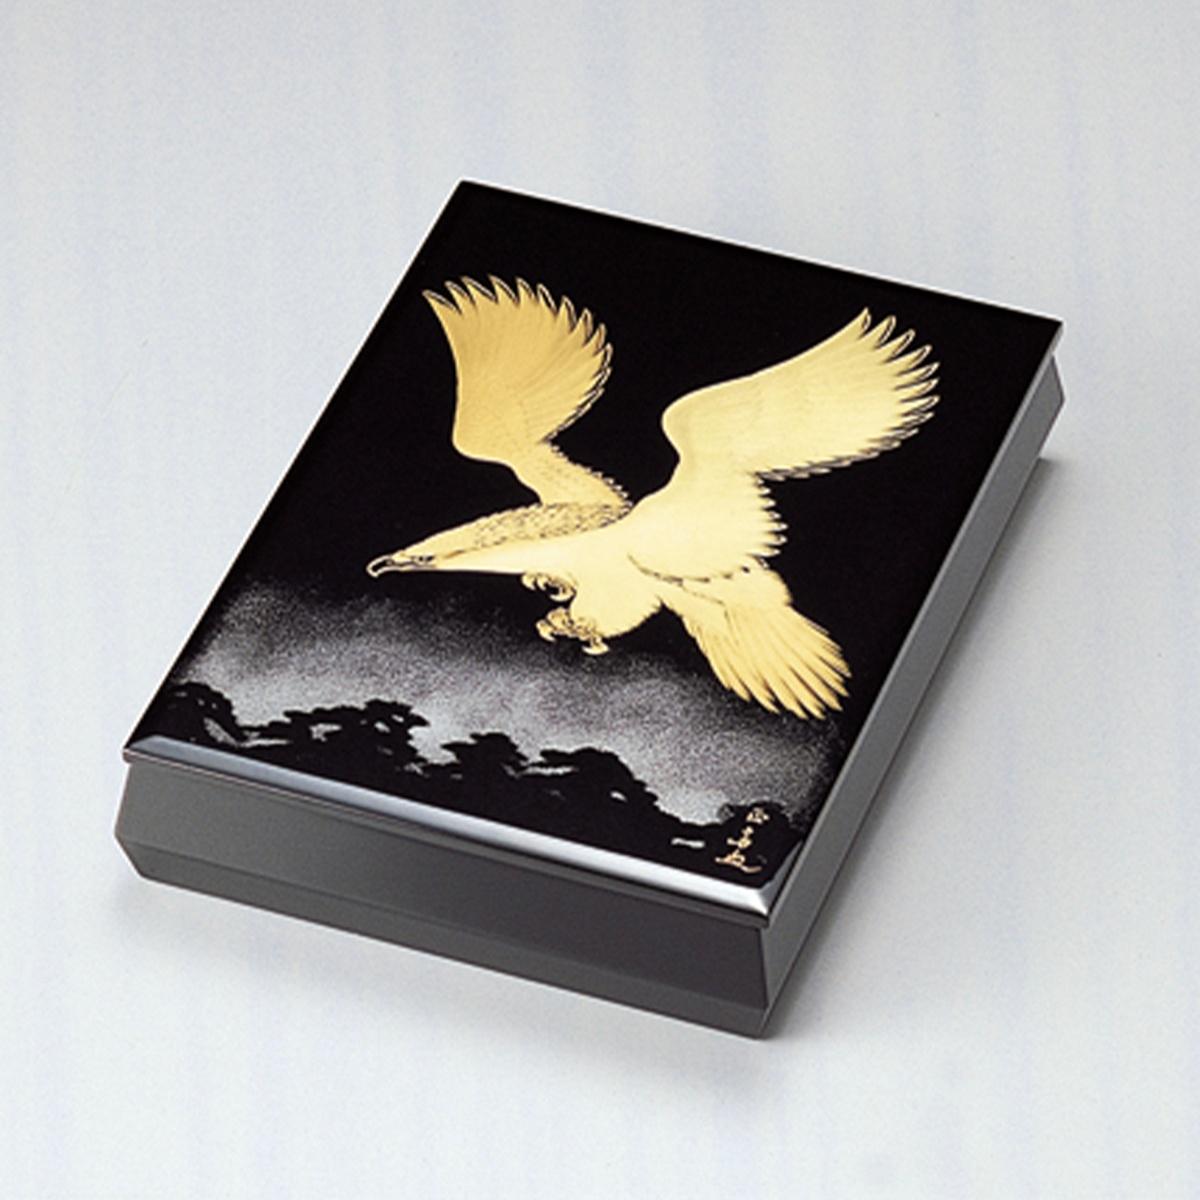 松に鷹 文庫 A4サイズ(黒)宮内庁御用達 文庫 手箱 日本製 来客 器 漆器 手塗 高級 おすすめ 木 木製 箱 ボックス 就職祝い 昇進祝い 合格祝い ギフト 小物入れ プレゼント 伝統工芸士